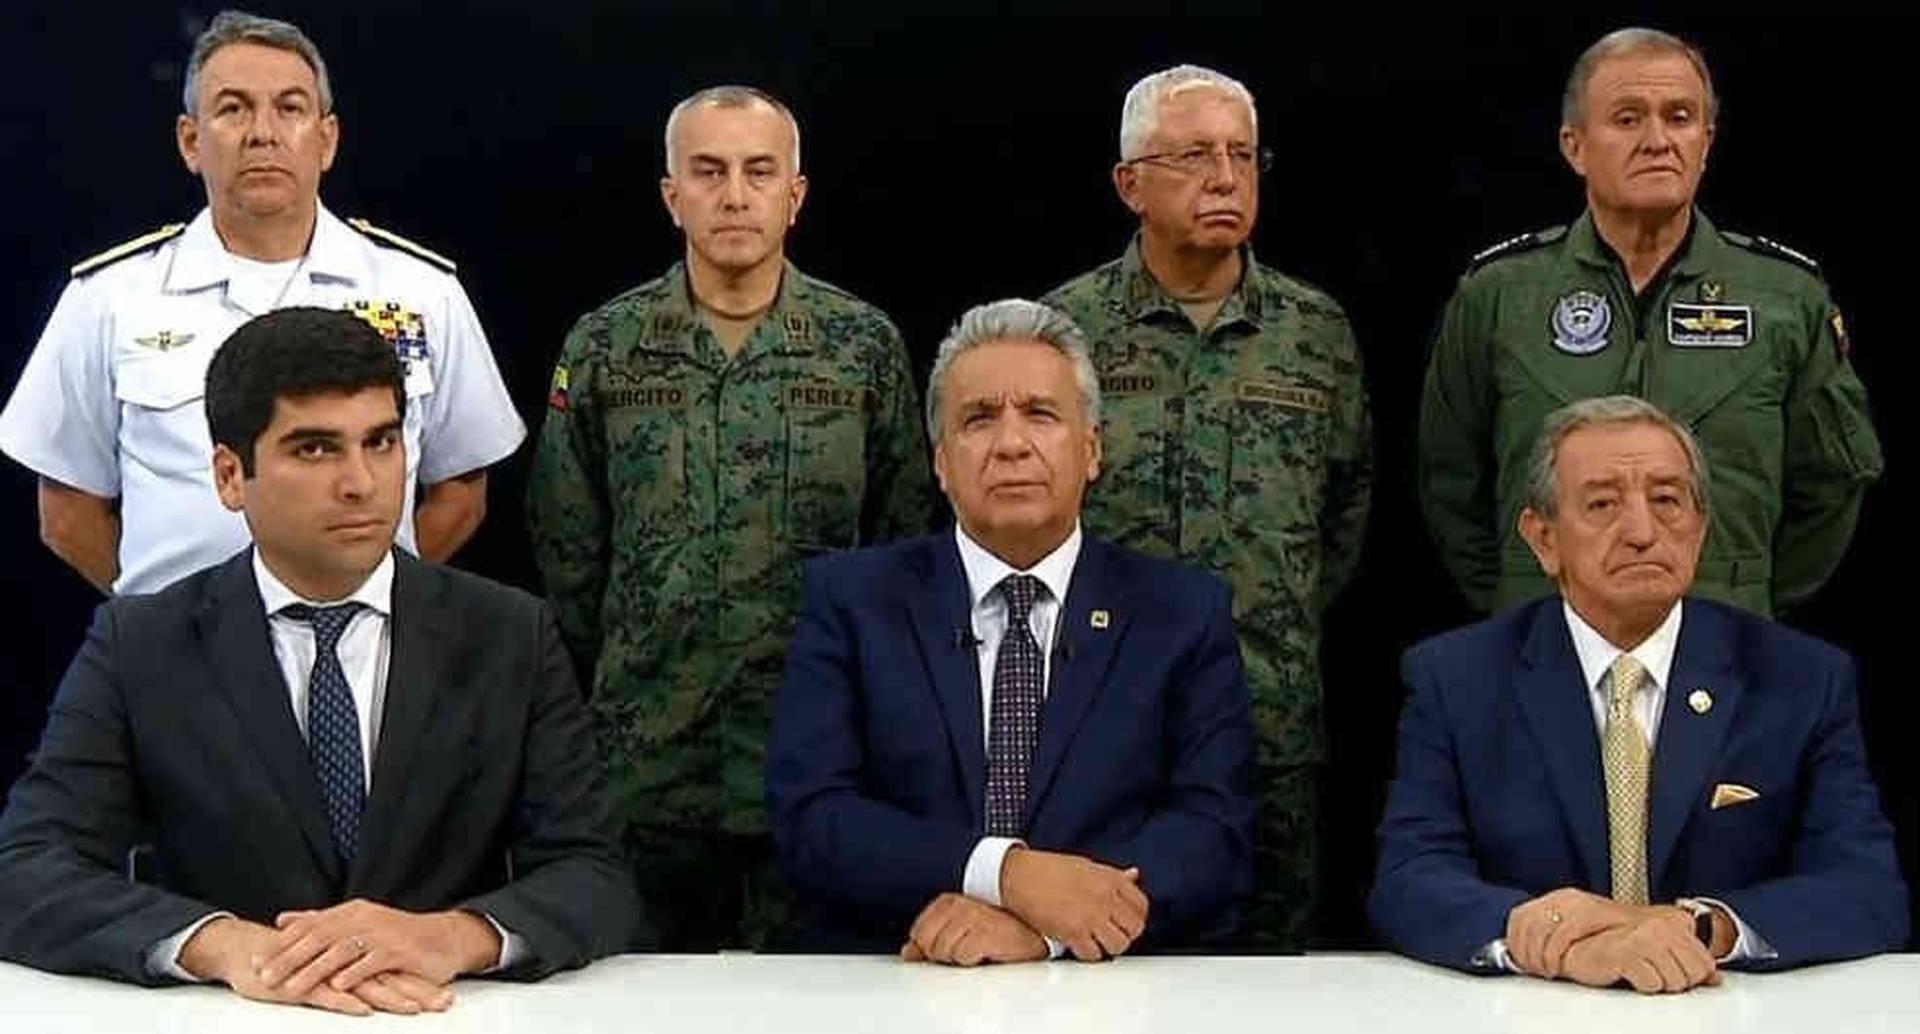 Foto:Lenín Moreno defendió su medida de eliminar los subsidios de los combustibles. Foto:Secretaría General de Comununicación/BBC